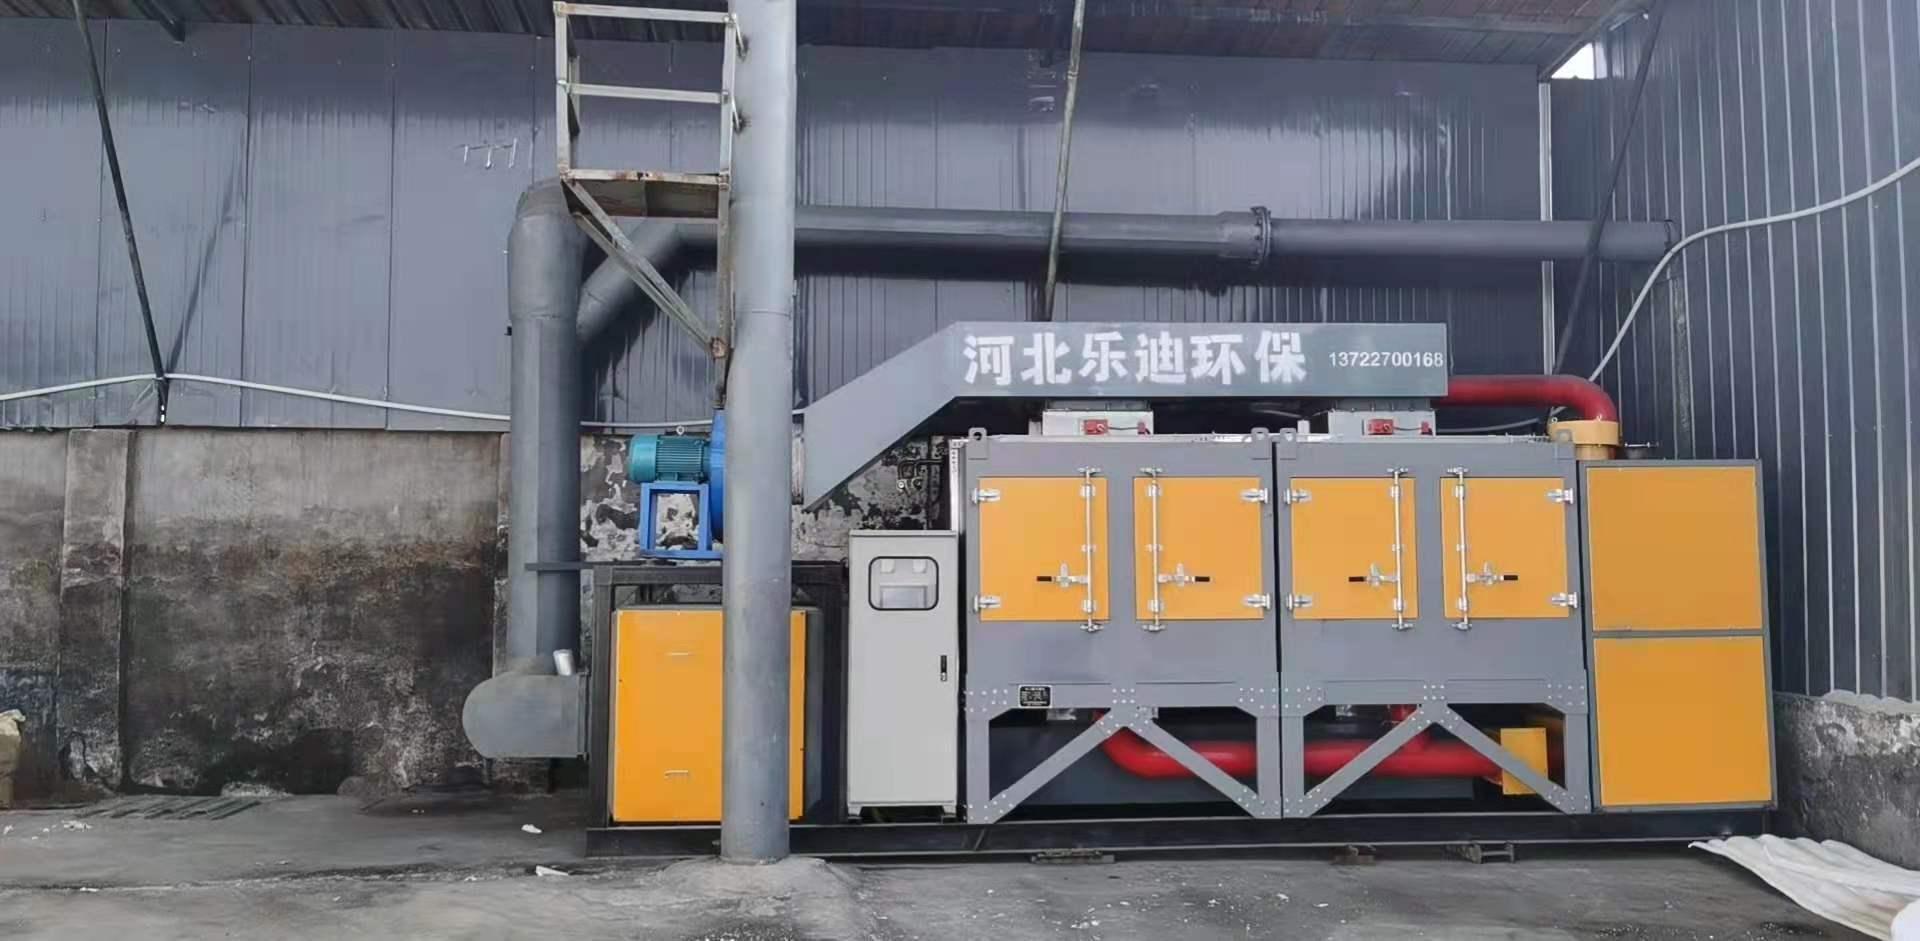 两万风量催化燃烧 活性炭吸附脱附 VOC催化燃烧废气处理设备